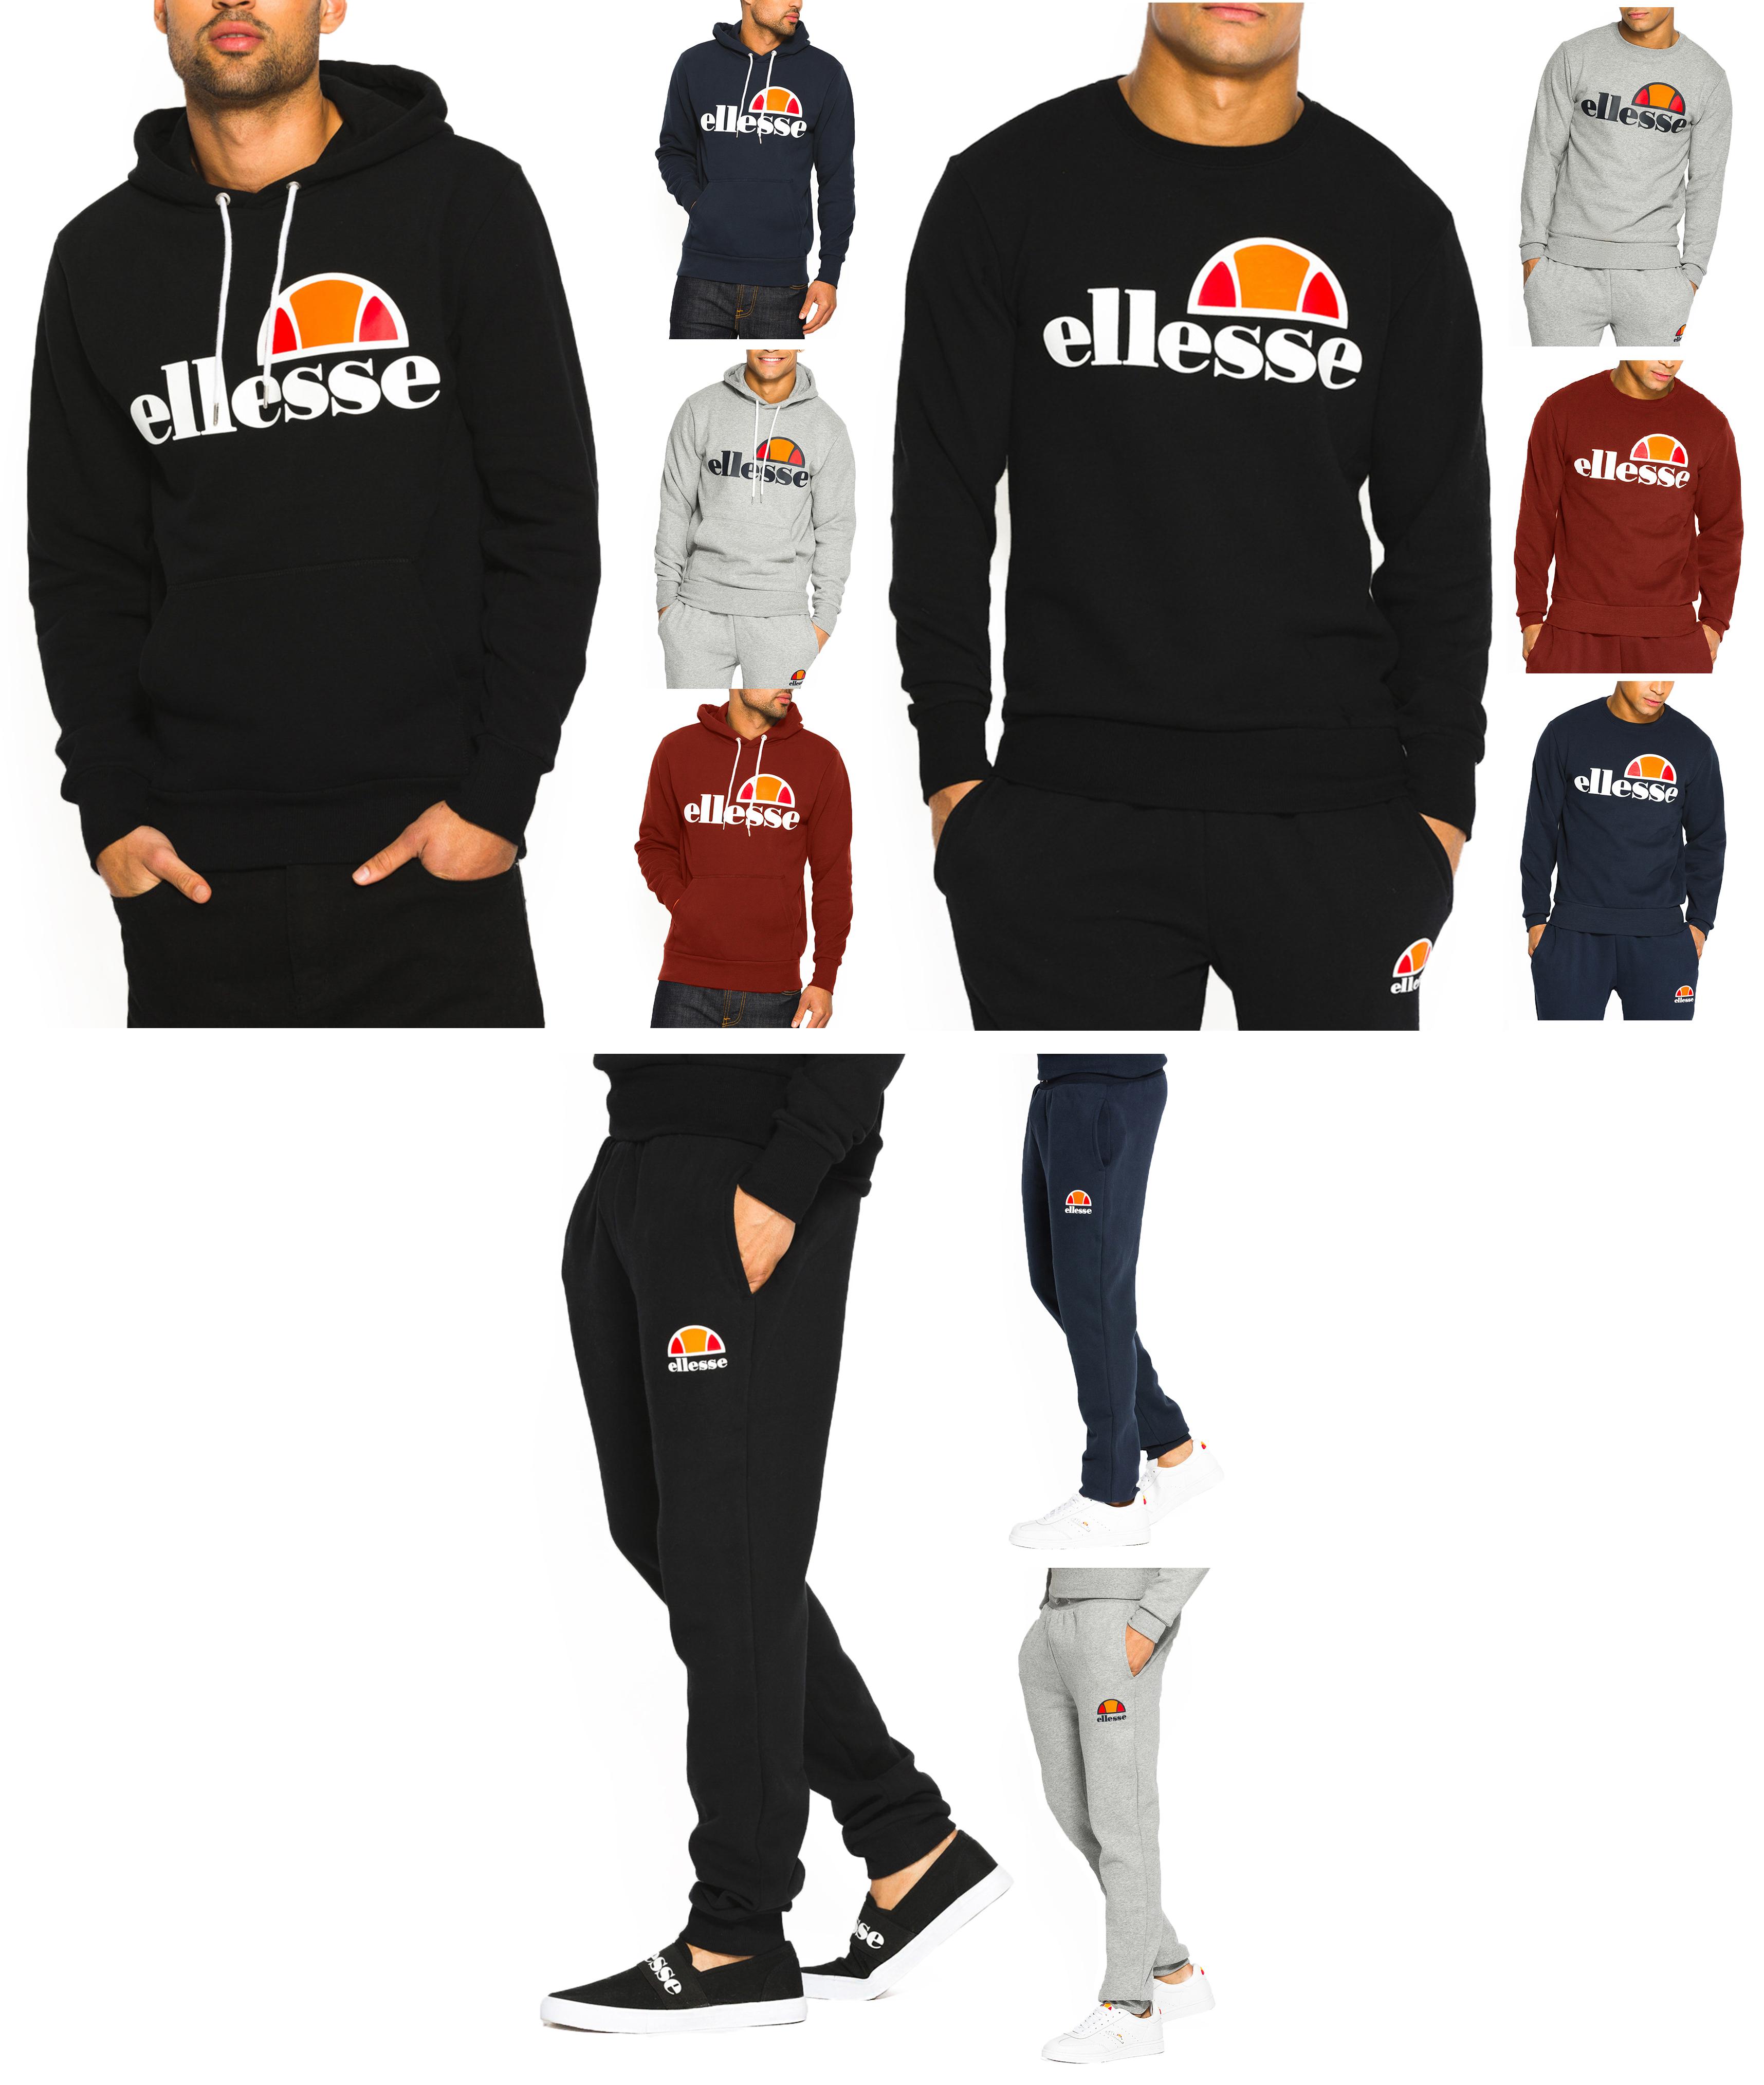 Disponible ellesse Fighter 12 Zip Track Top Sweatshirt